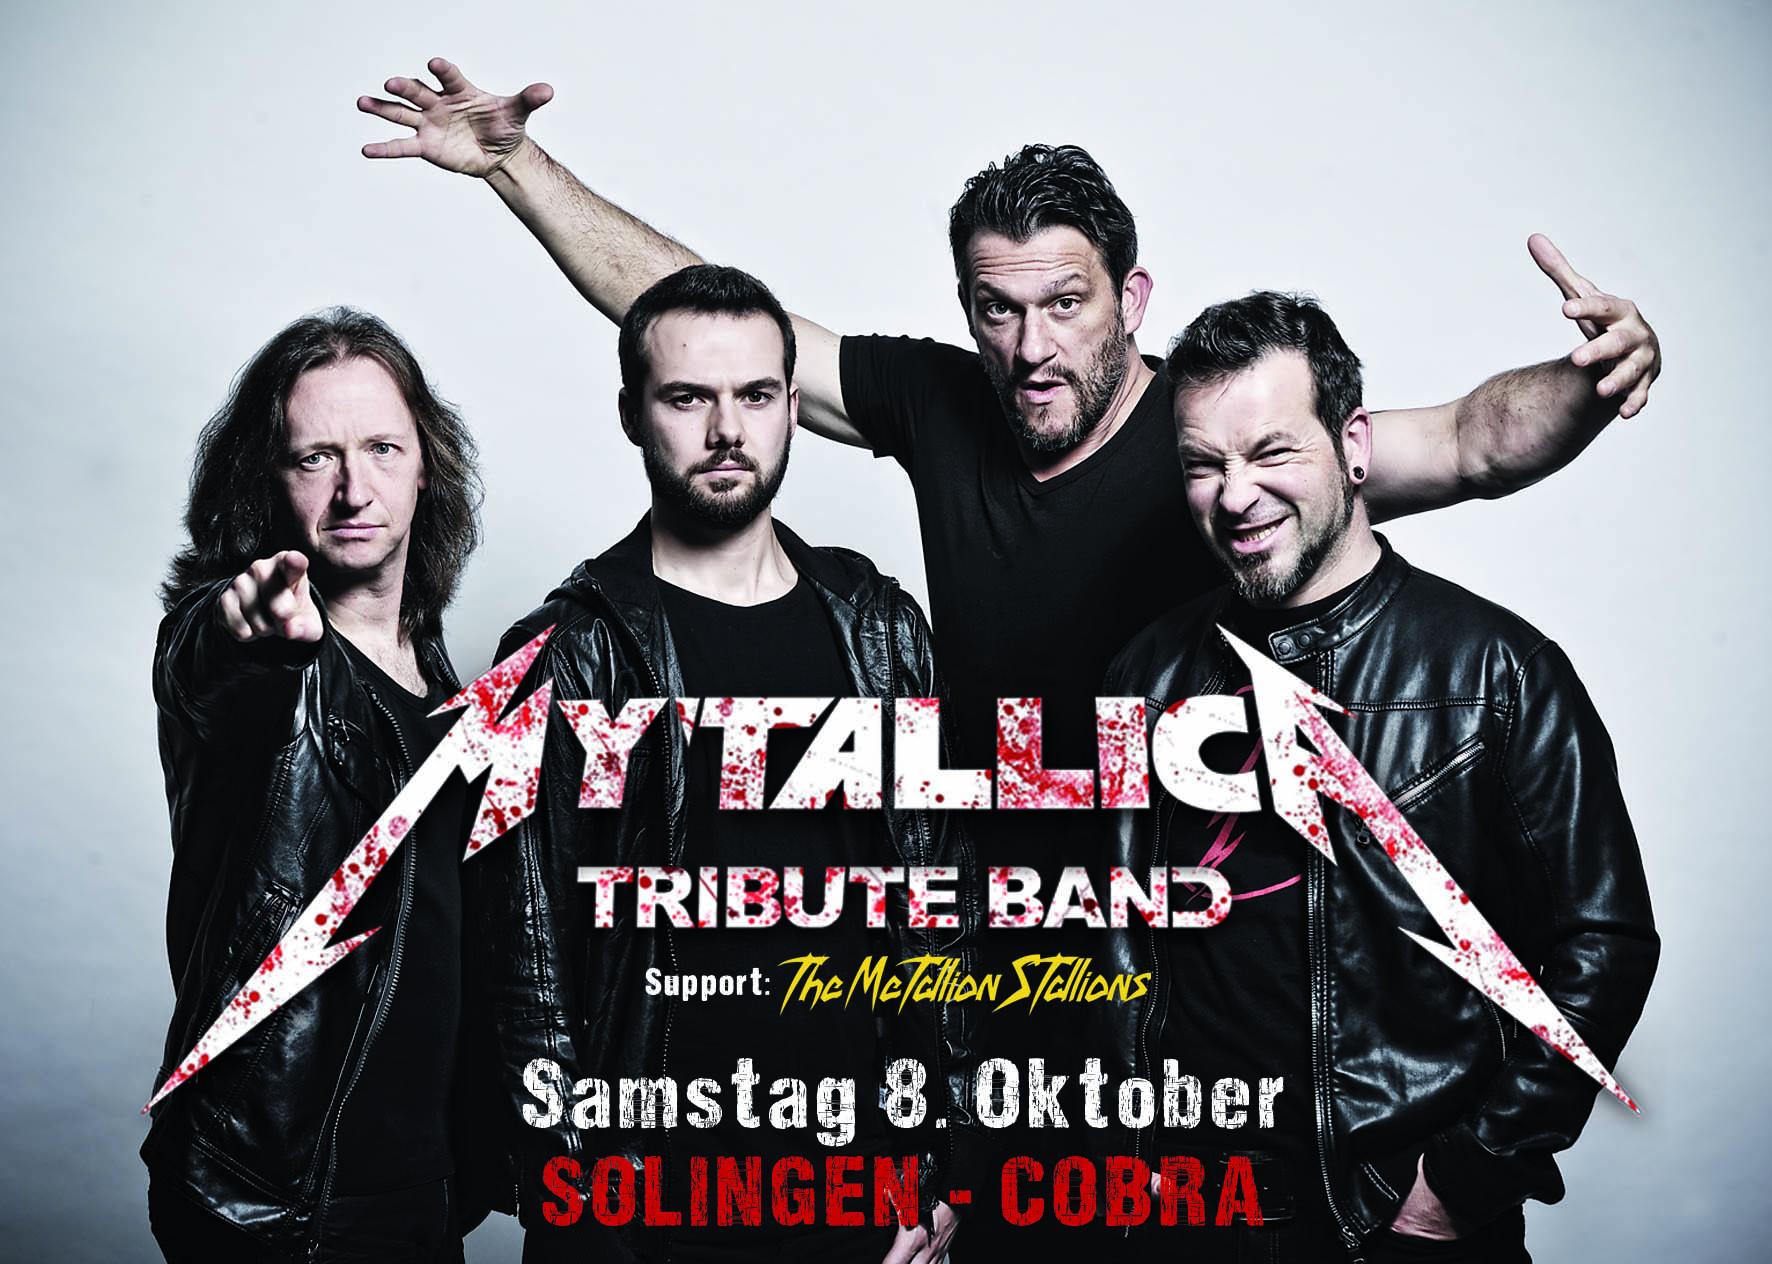 Metallica Coverband